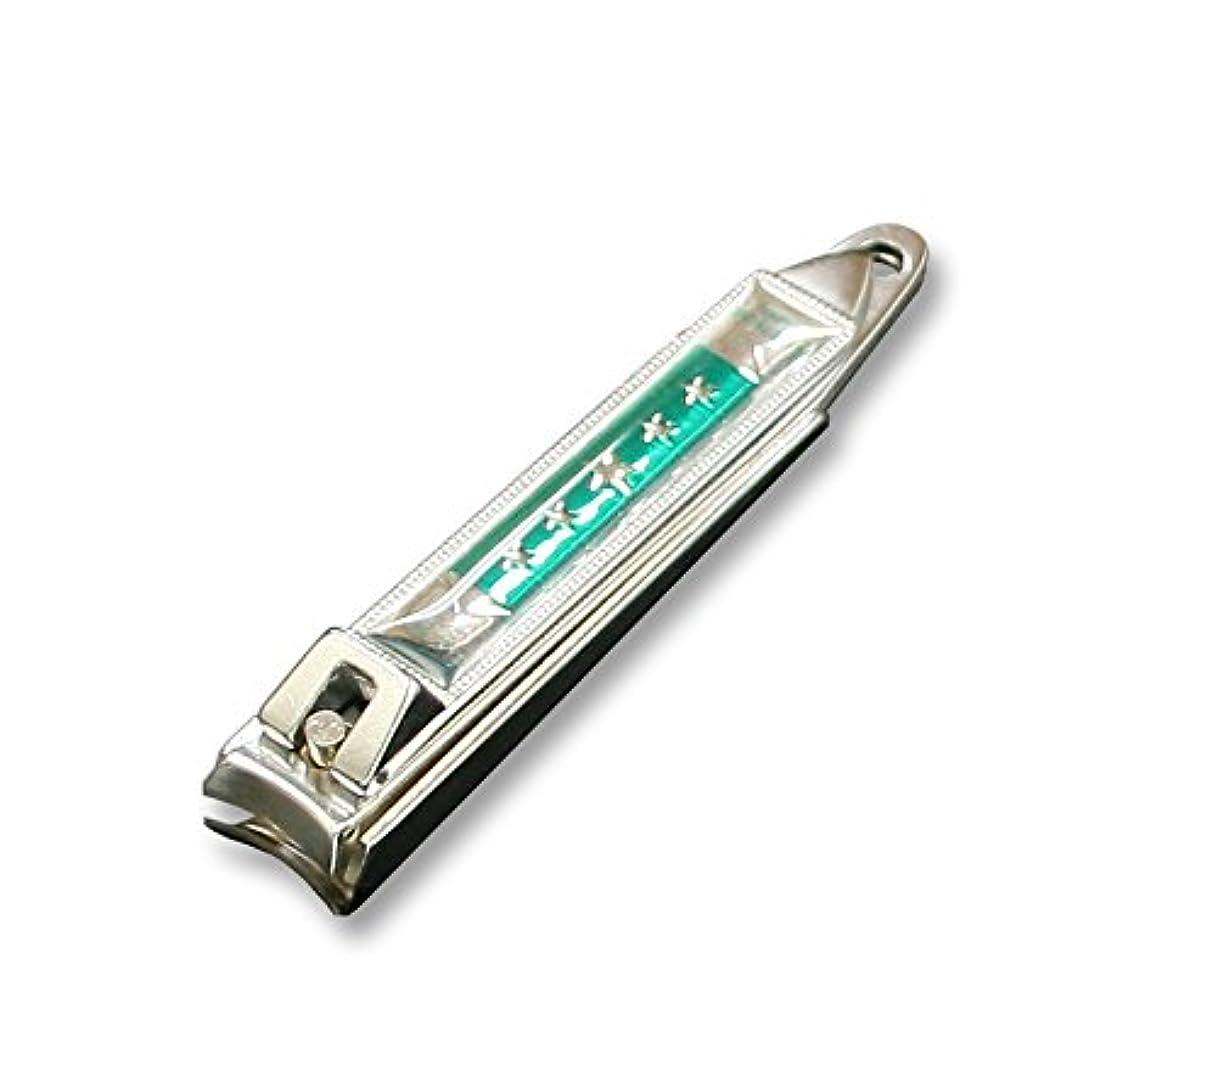 悔い改めスーパーマーケット科学者KC-050GR 関の刃物 関兼常 チラーヌ爪切 大 緑